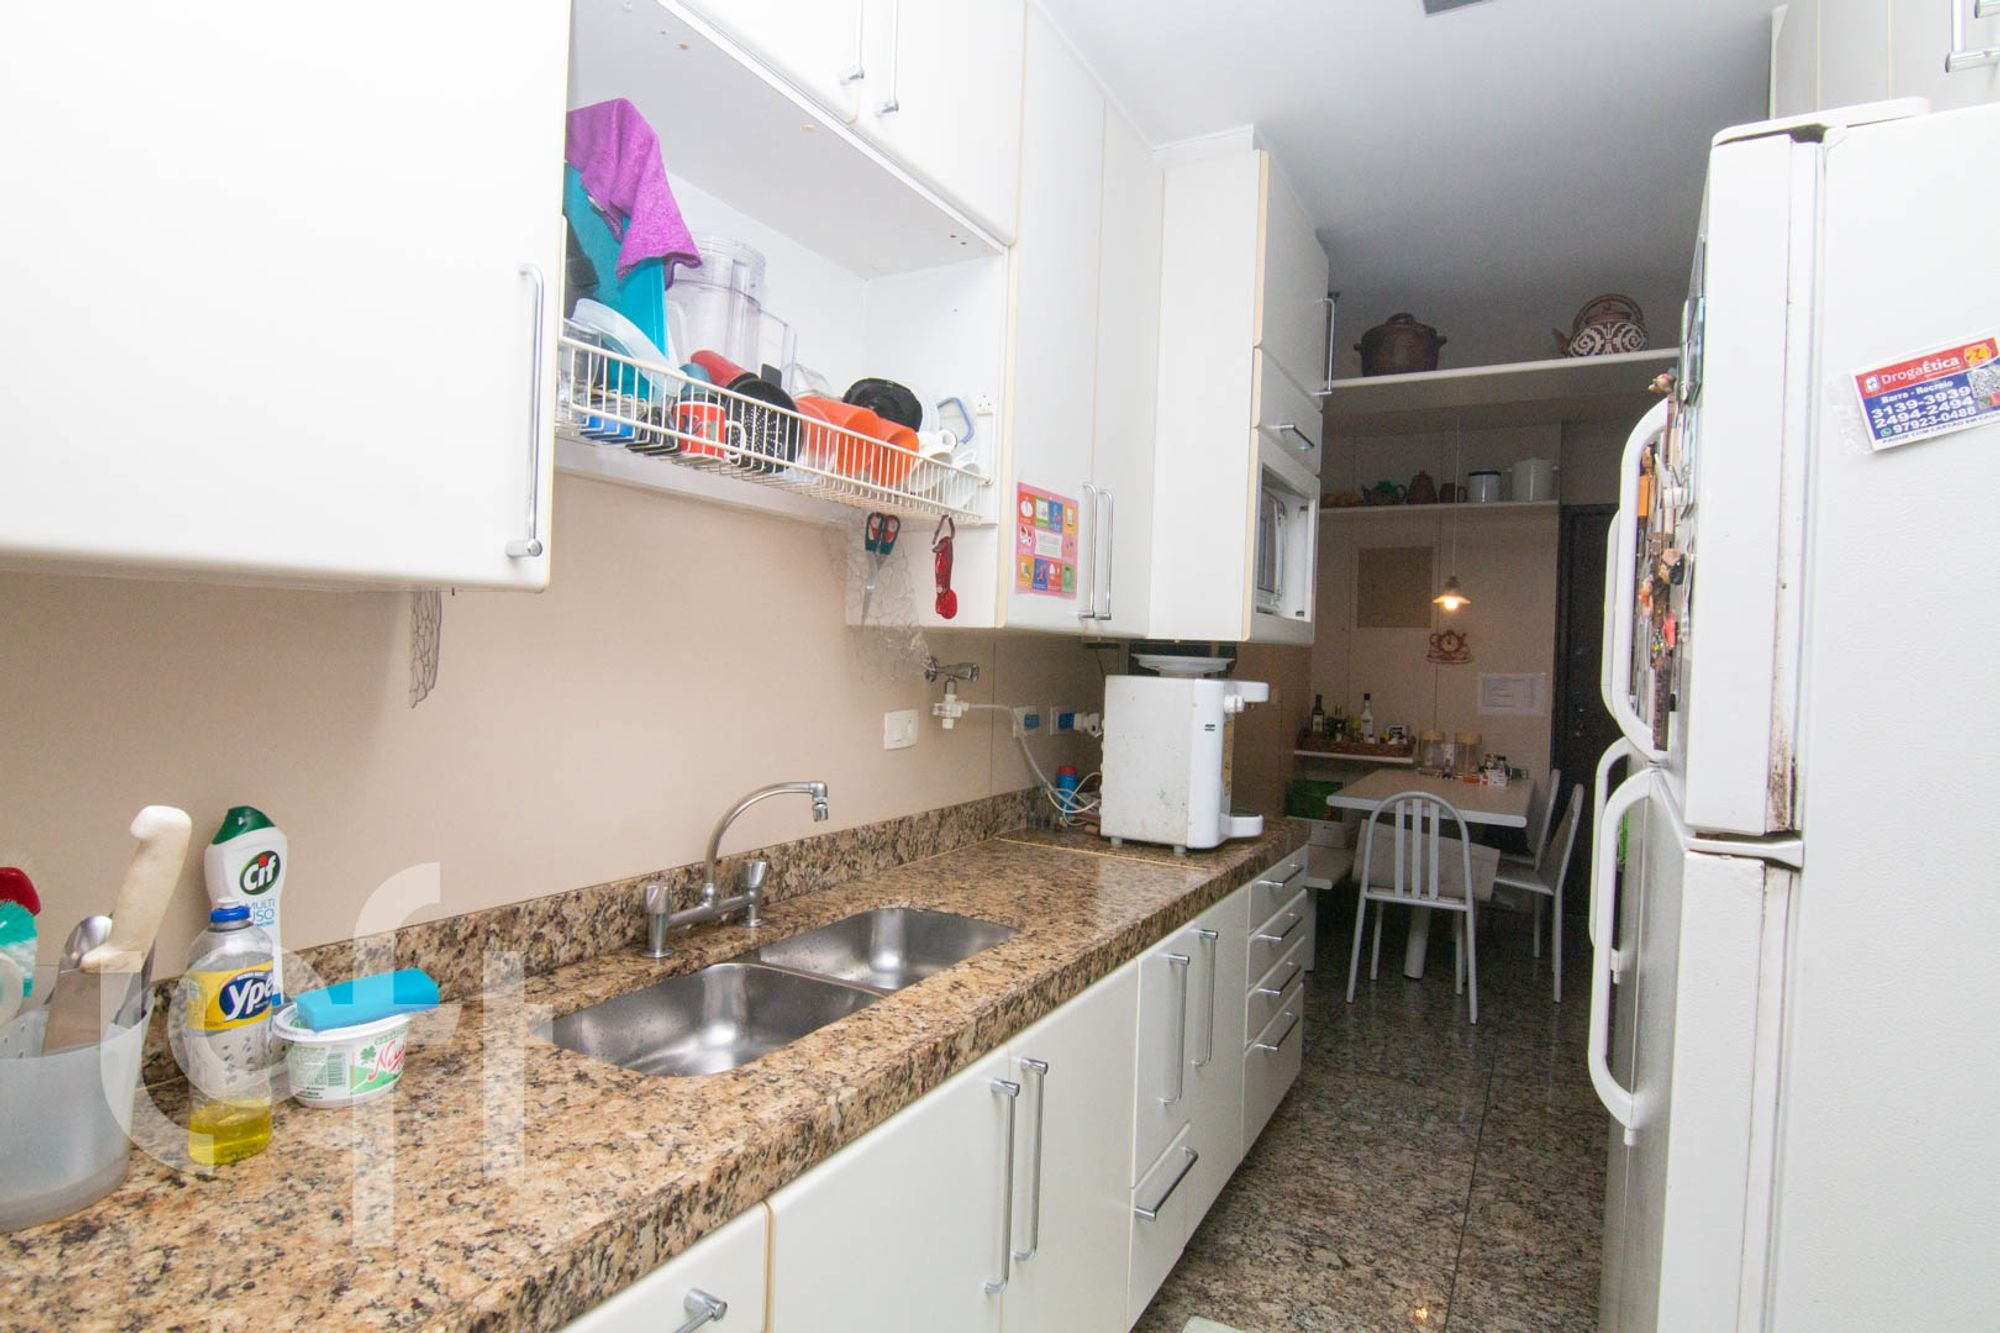 Foto de Cozinha com garrafa, geladeira, cadeira, pia